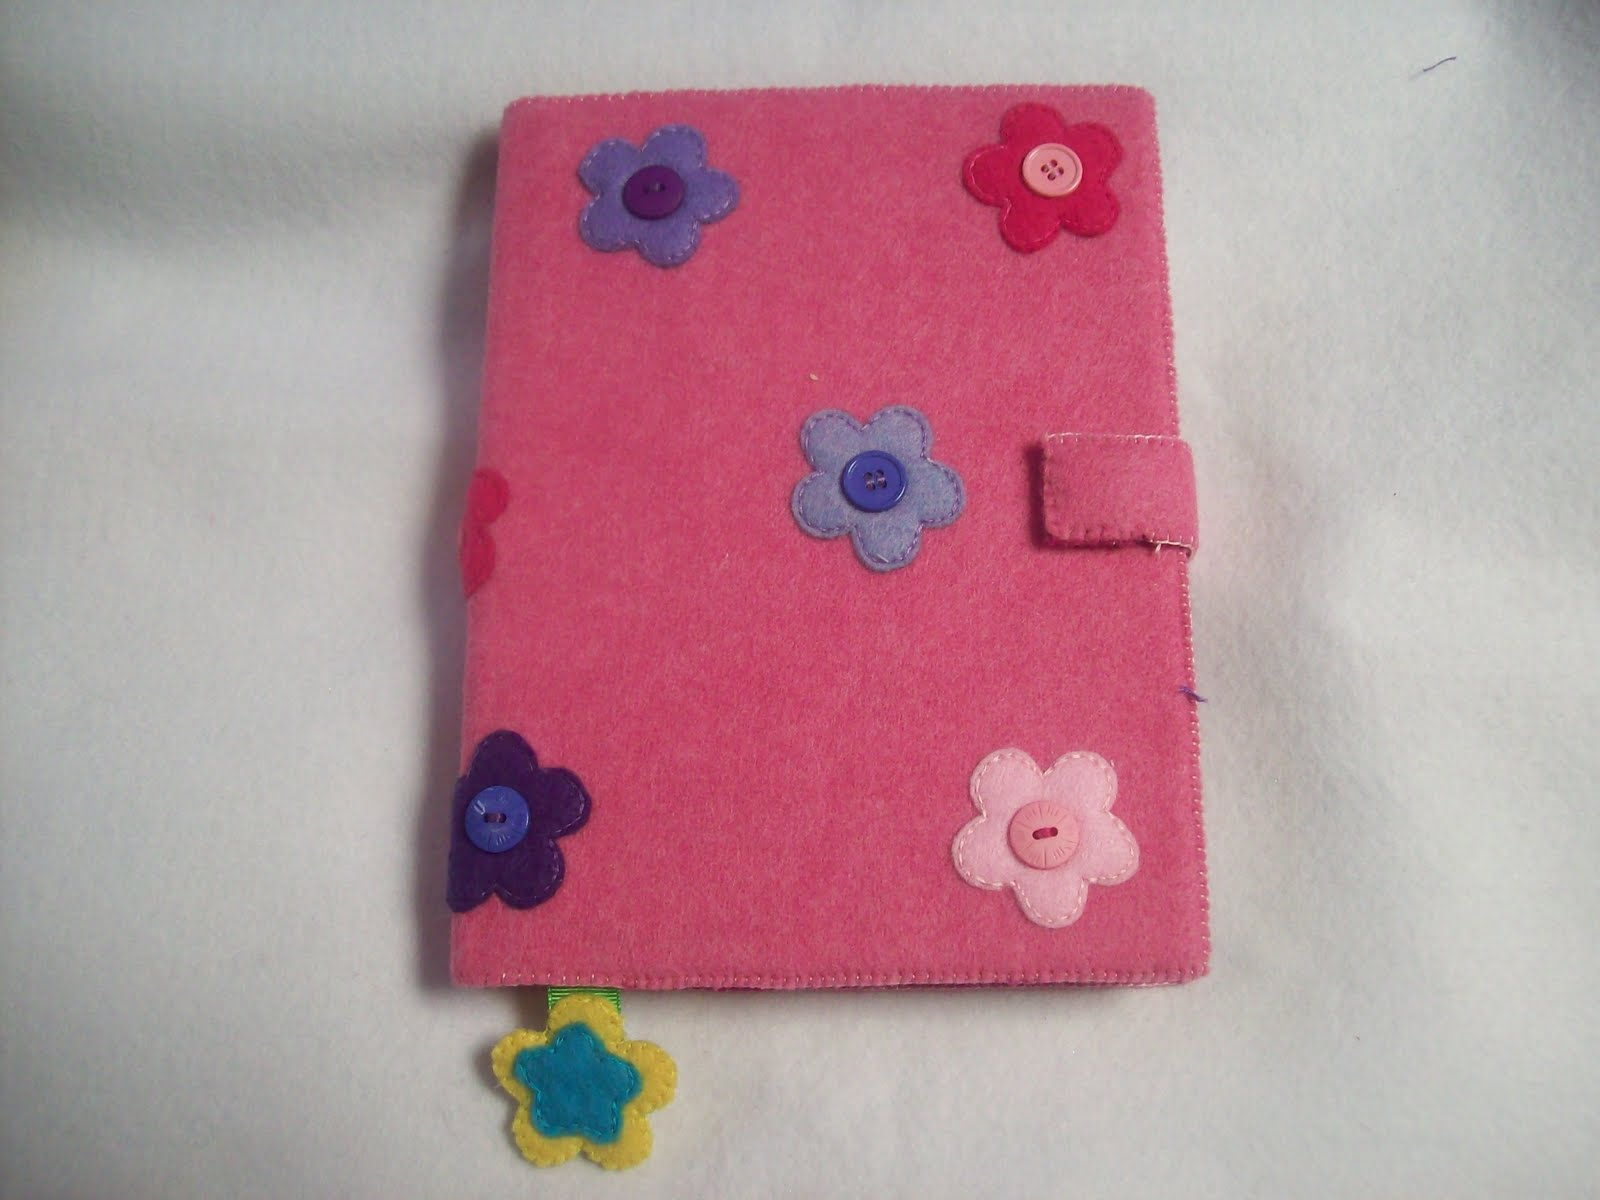 Shexeldetallitos blog de manualidades libreta flores y - Manualidades de botones ...